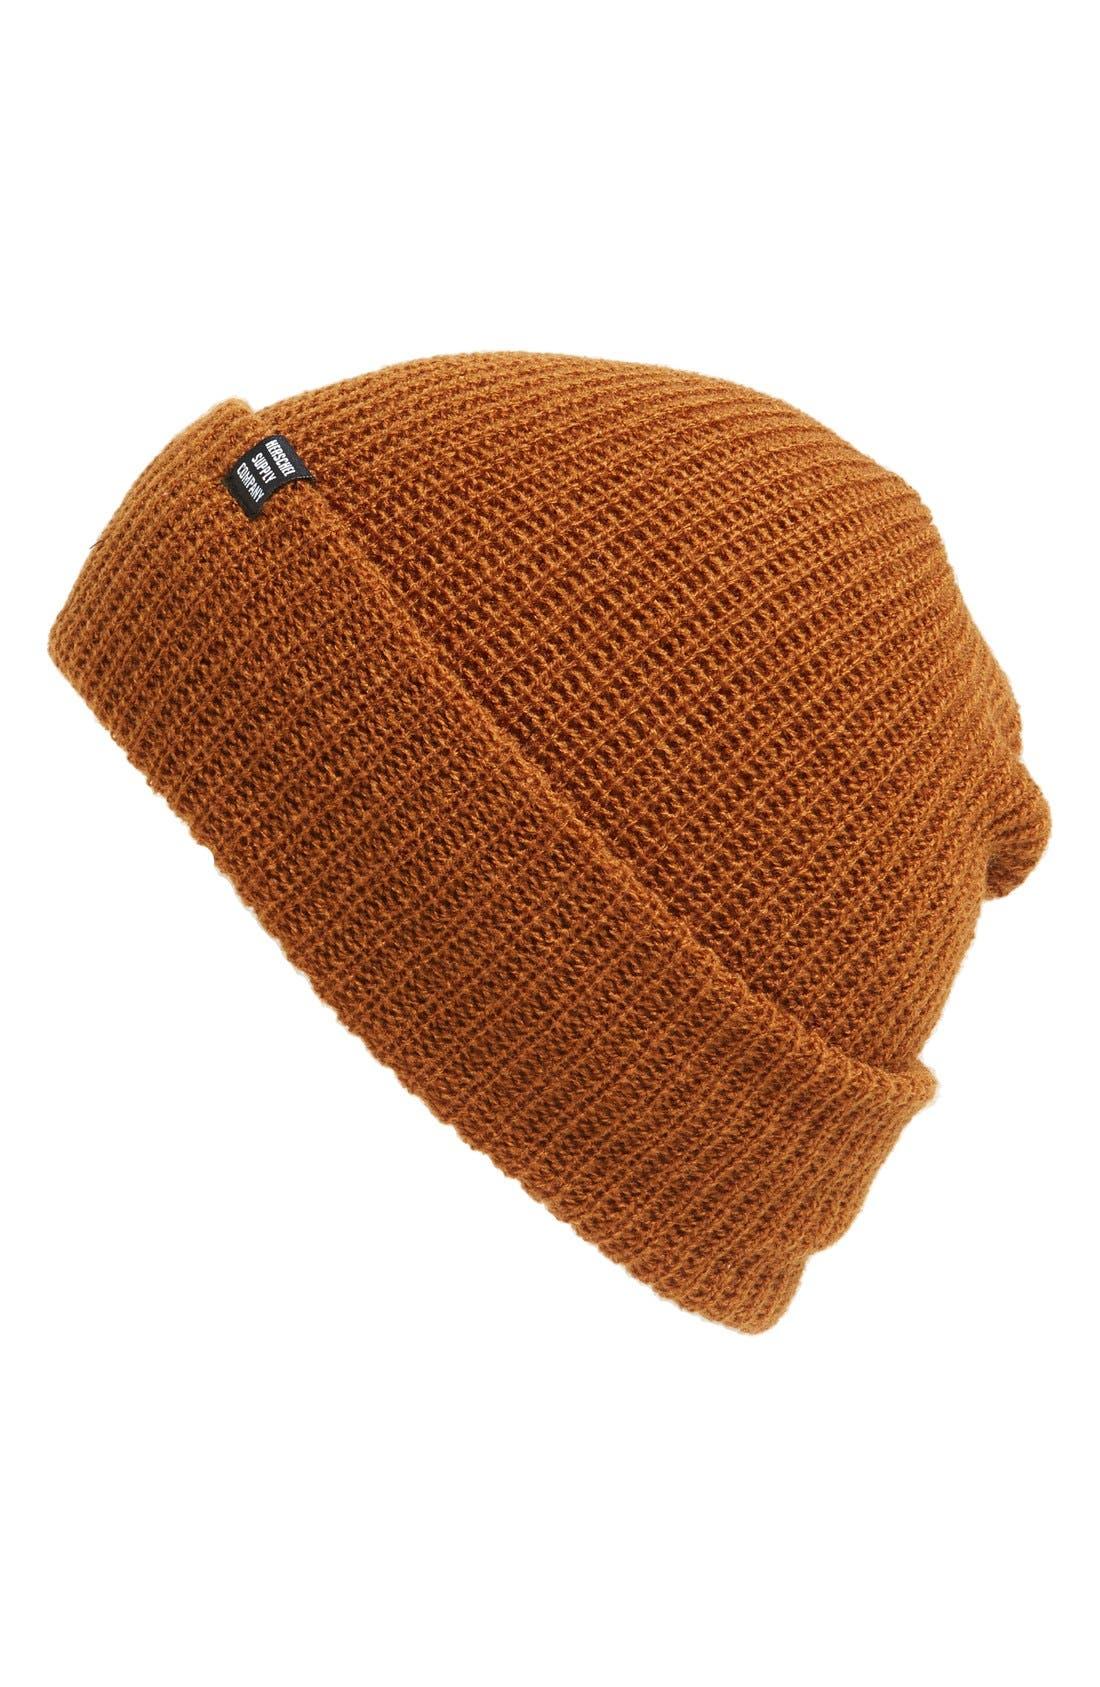 'Quartz' Solid Knit Cap,                             Main thumbnail 4, color,